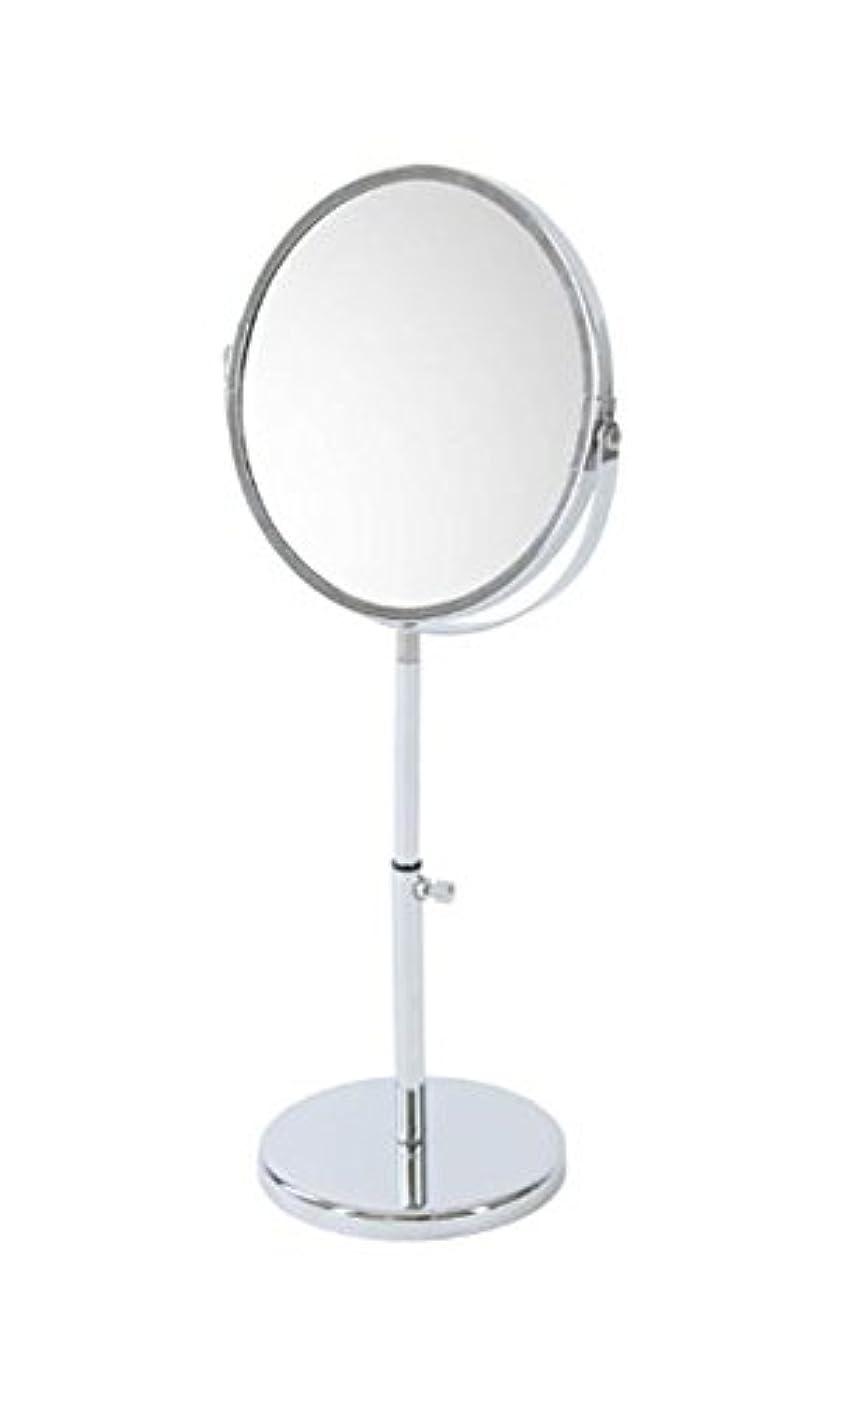 チーター弁護タックルnarumikk メイクアップミラー 拡大鏡付き 高さ調節可能 26- 800